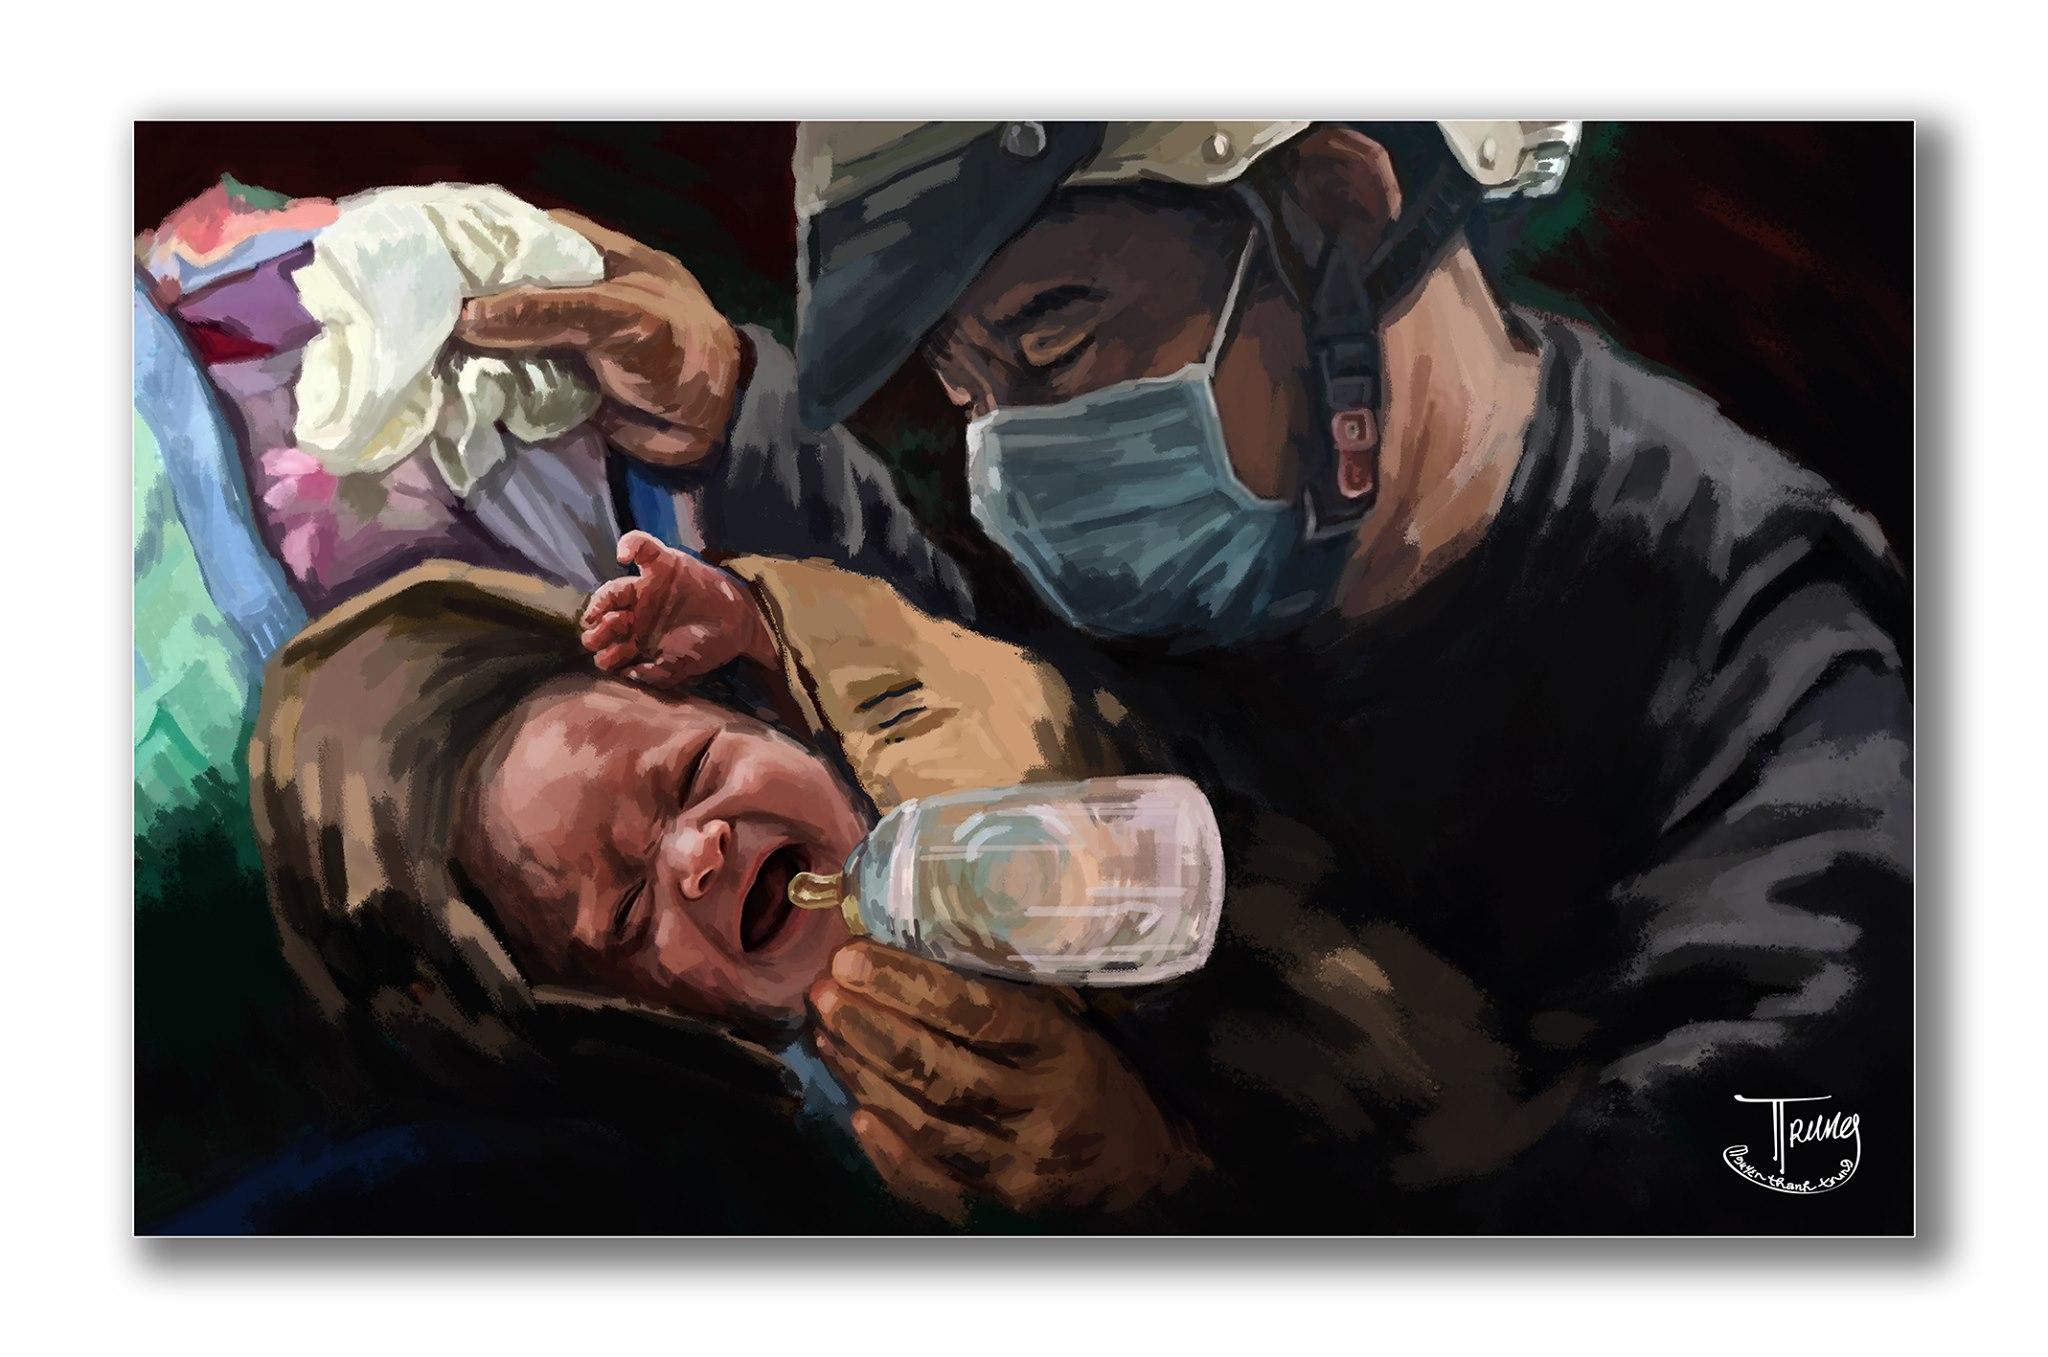 Tranh của họa sĩ Nguyễn Thành Trung về Sài Gòn âu lo nhưng ấm tình người - 7